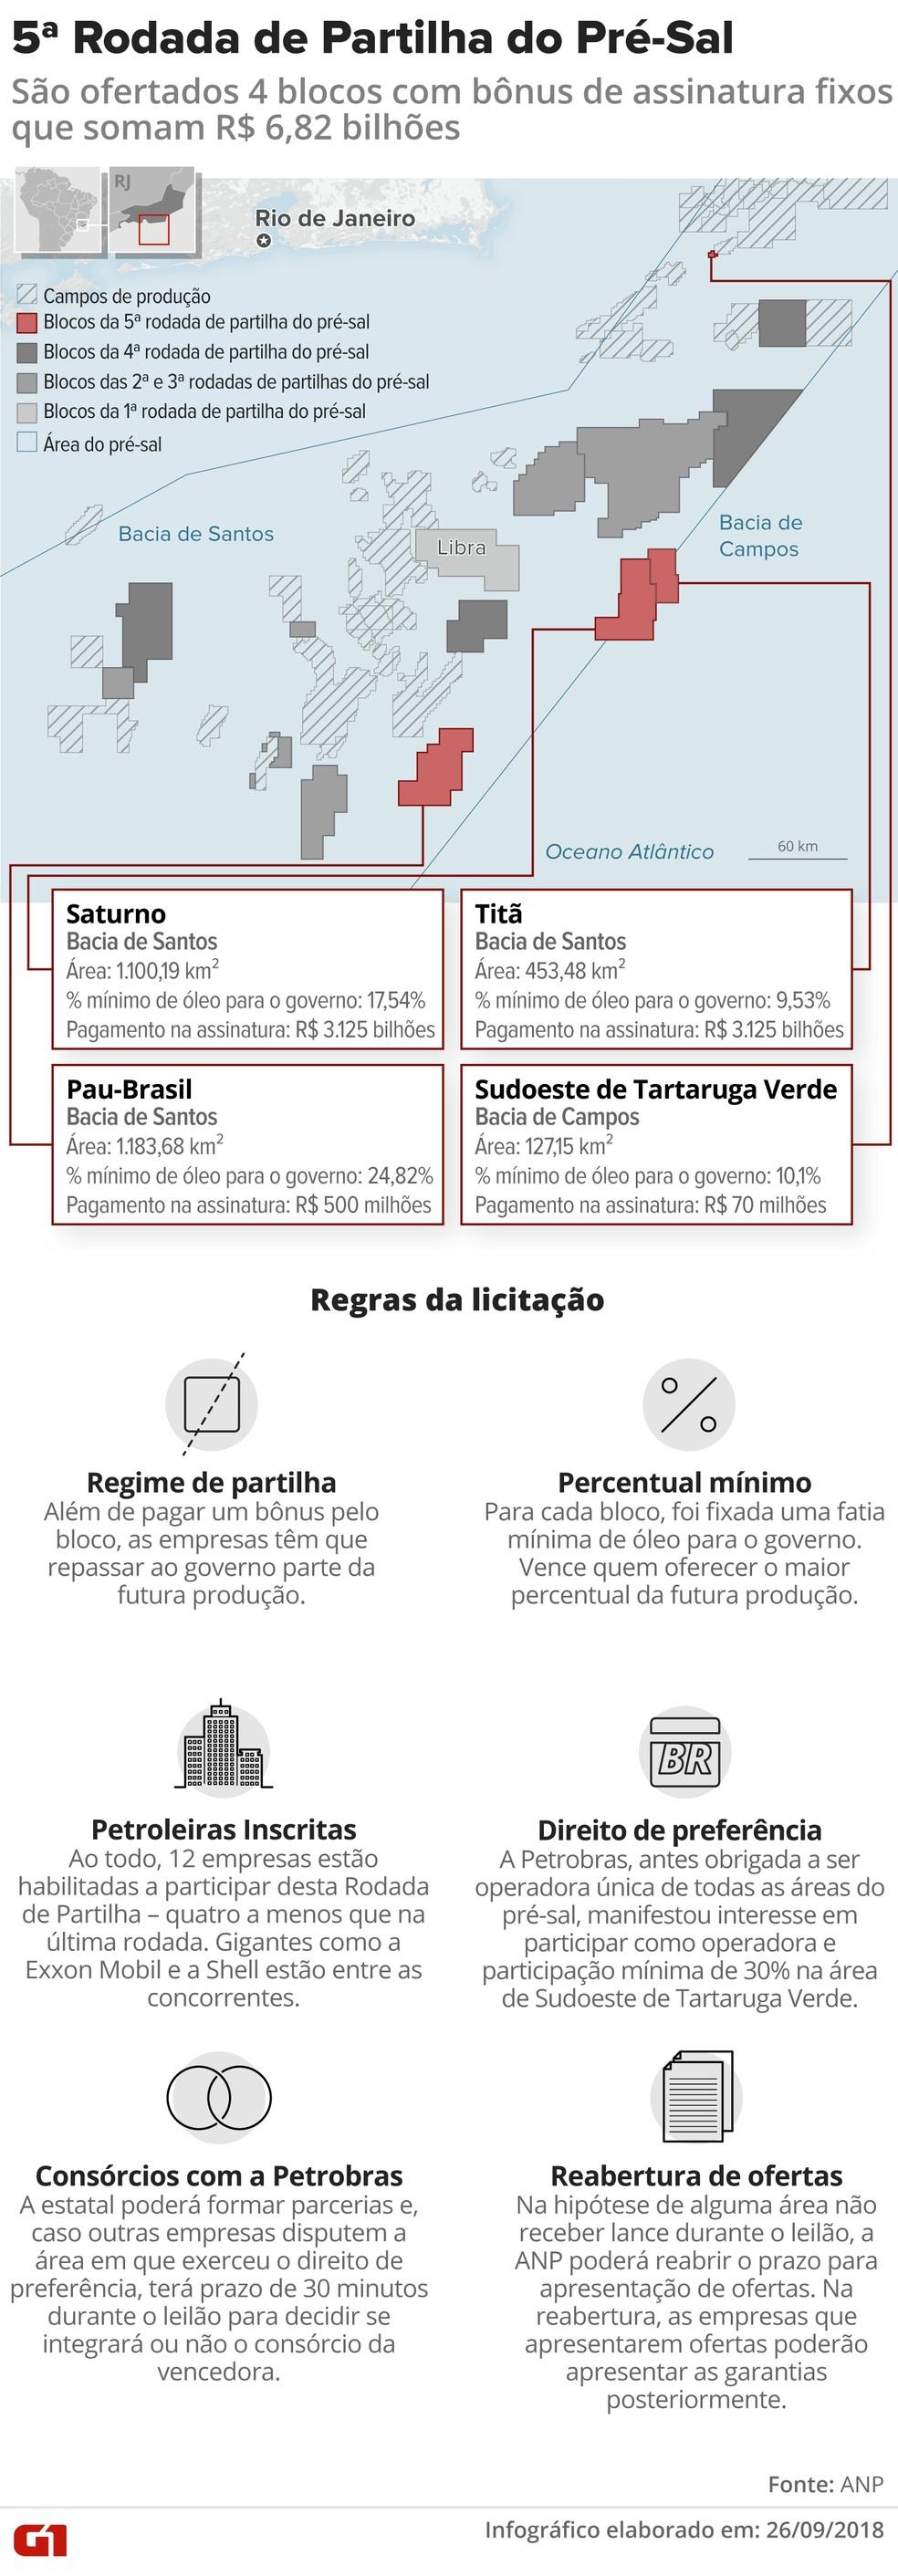 Arte com mapa dos blocos ofertados na 5ª Rodada do Pré-Sal — Foto: Cláudia Peixoto/G1